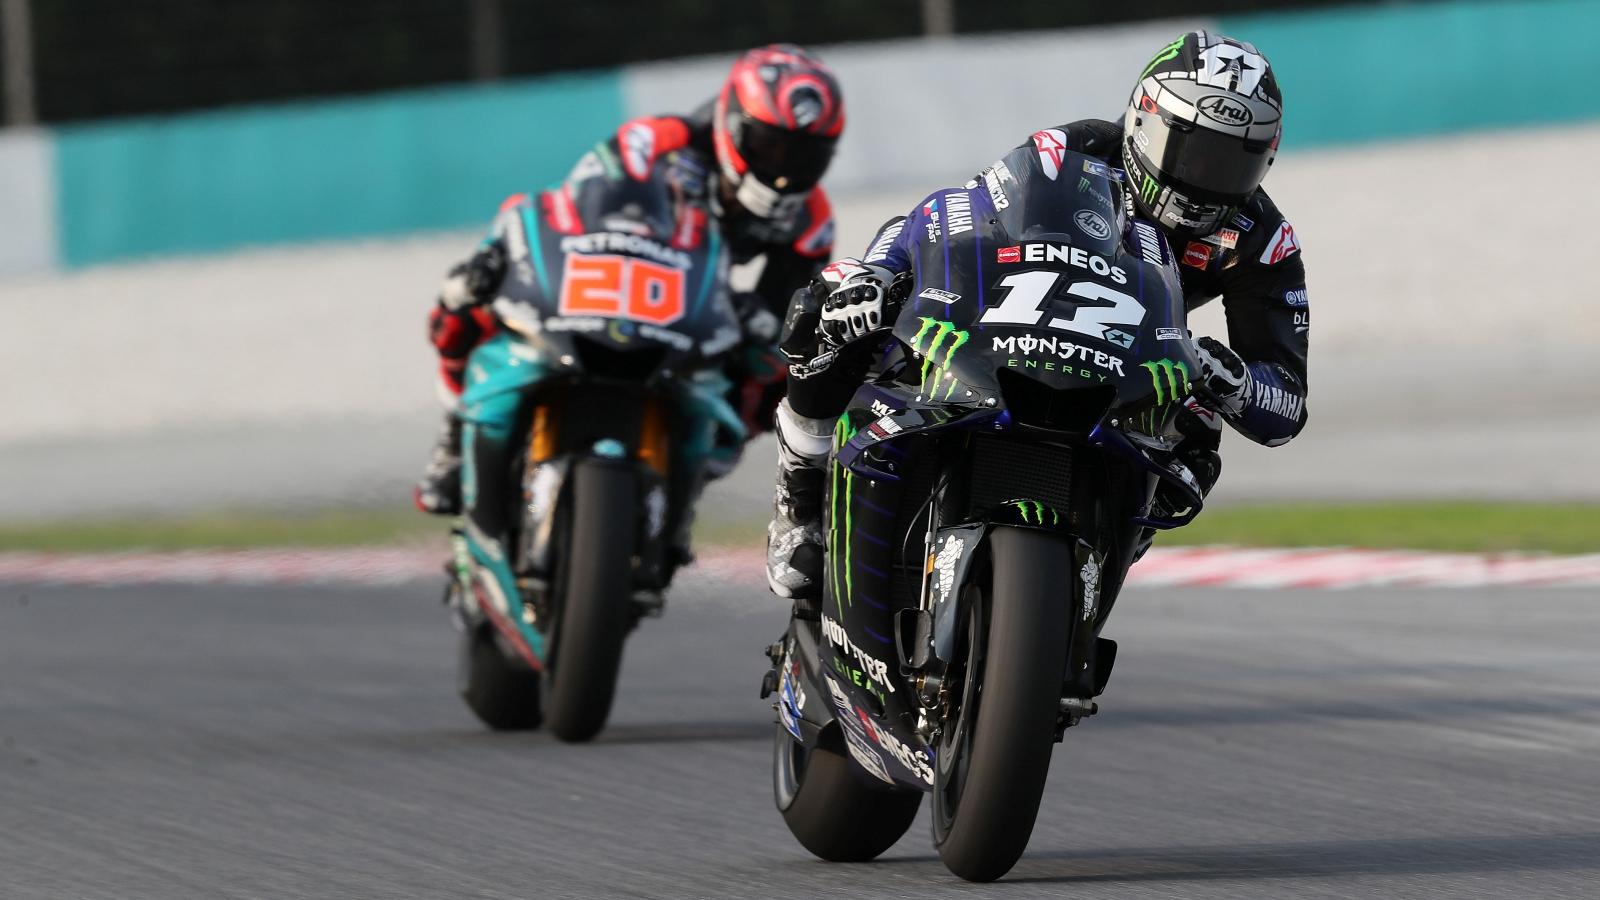 MotoGP 2019, la parrilla más actualizada de la historia